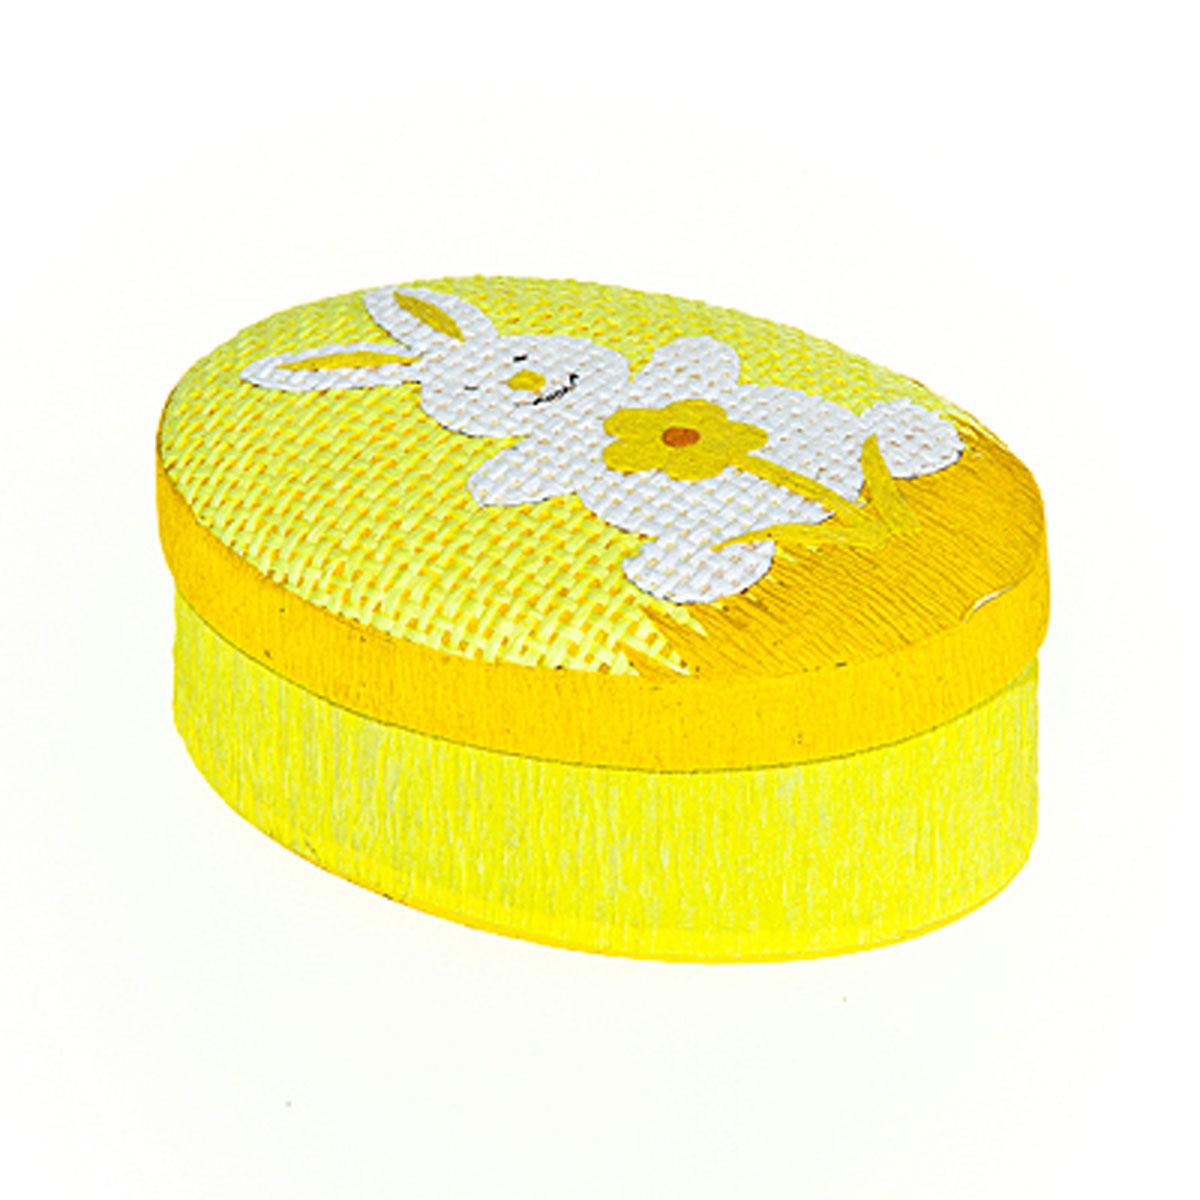 Шкатулка декоративная Home Queen Кролик с цветочком, цвет: желтый, 10,5 см х 8 см х 4 см64309_2Овальная шкатулка Home Queen Кролик с цветочком изготовлена из бумаги. Крышка изделия украшена рельефным рисунком в виде кролика и цветка. Изящная шкатулка прекрасно подойдет для упаковки пасхального подарка для детей и взрослых, а также красиво украсит интерьер комнаты. Размер: 10,5 см х 8 см х 4 см.